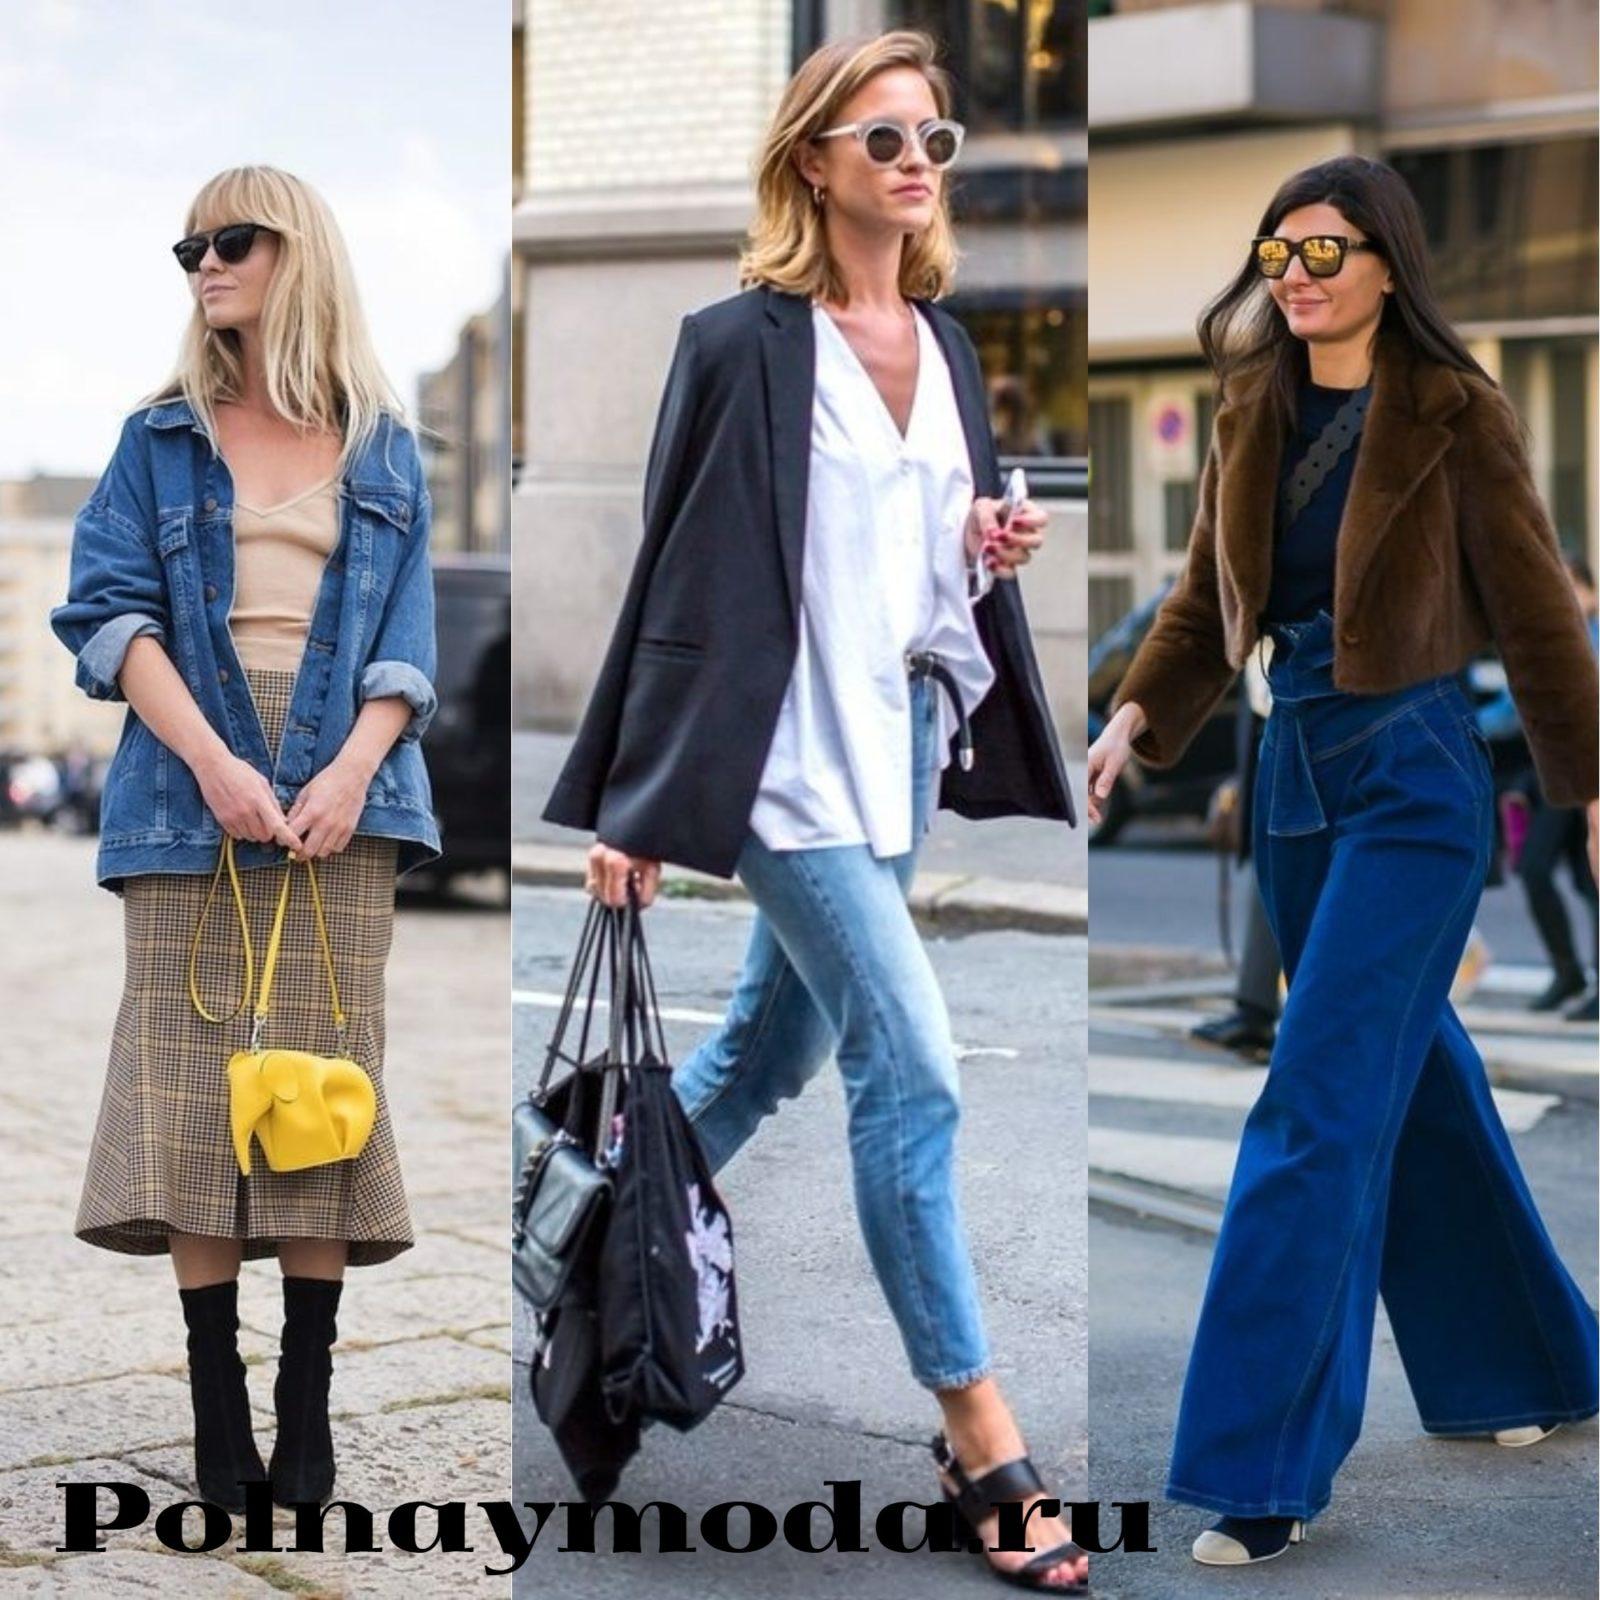 уличная мода весна лето 2018 джинс деним куртки пиджаки брюки комбинезоны